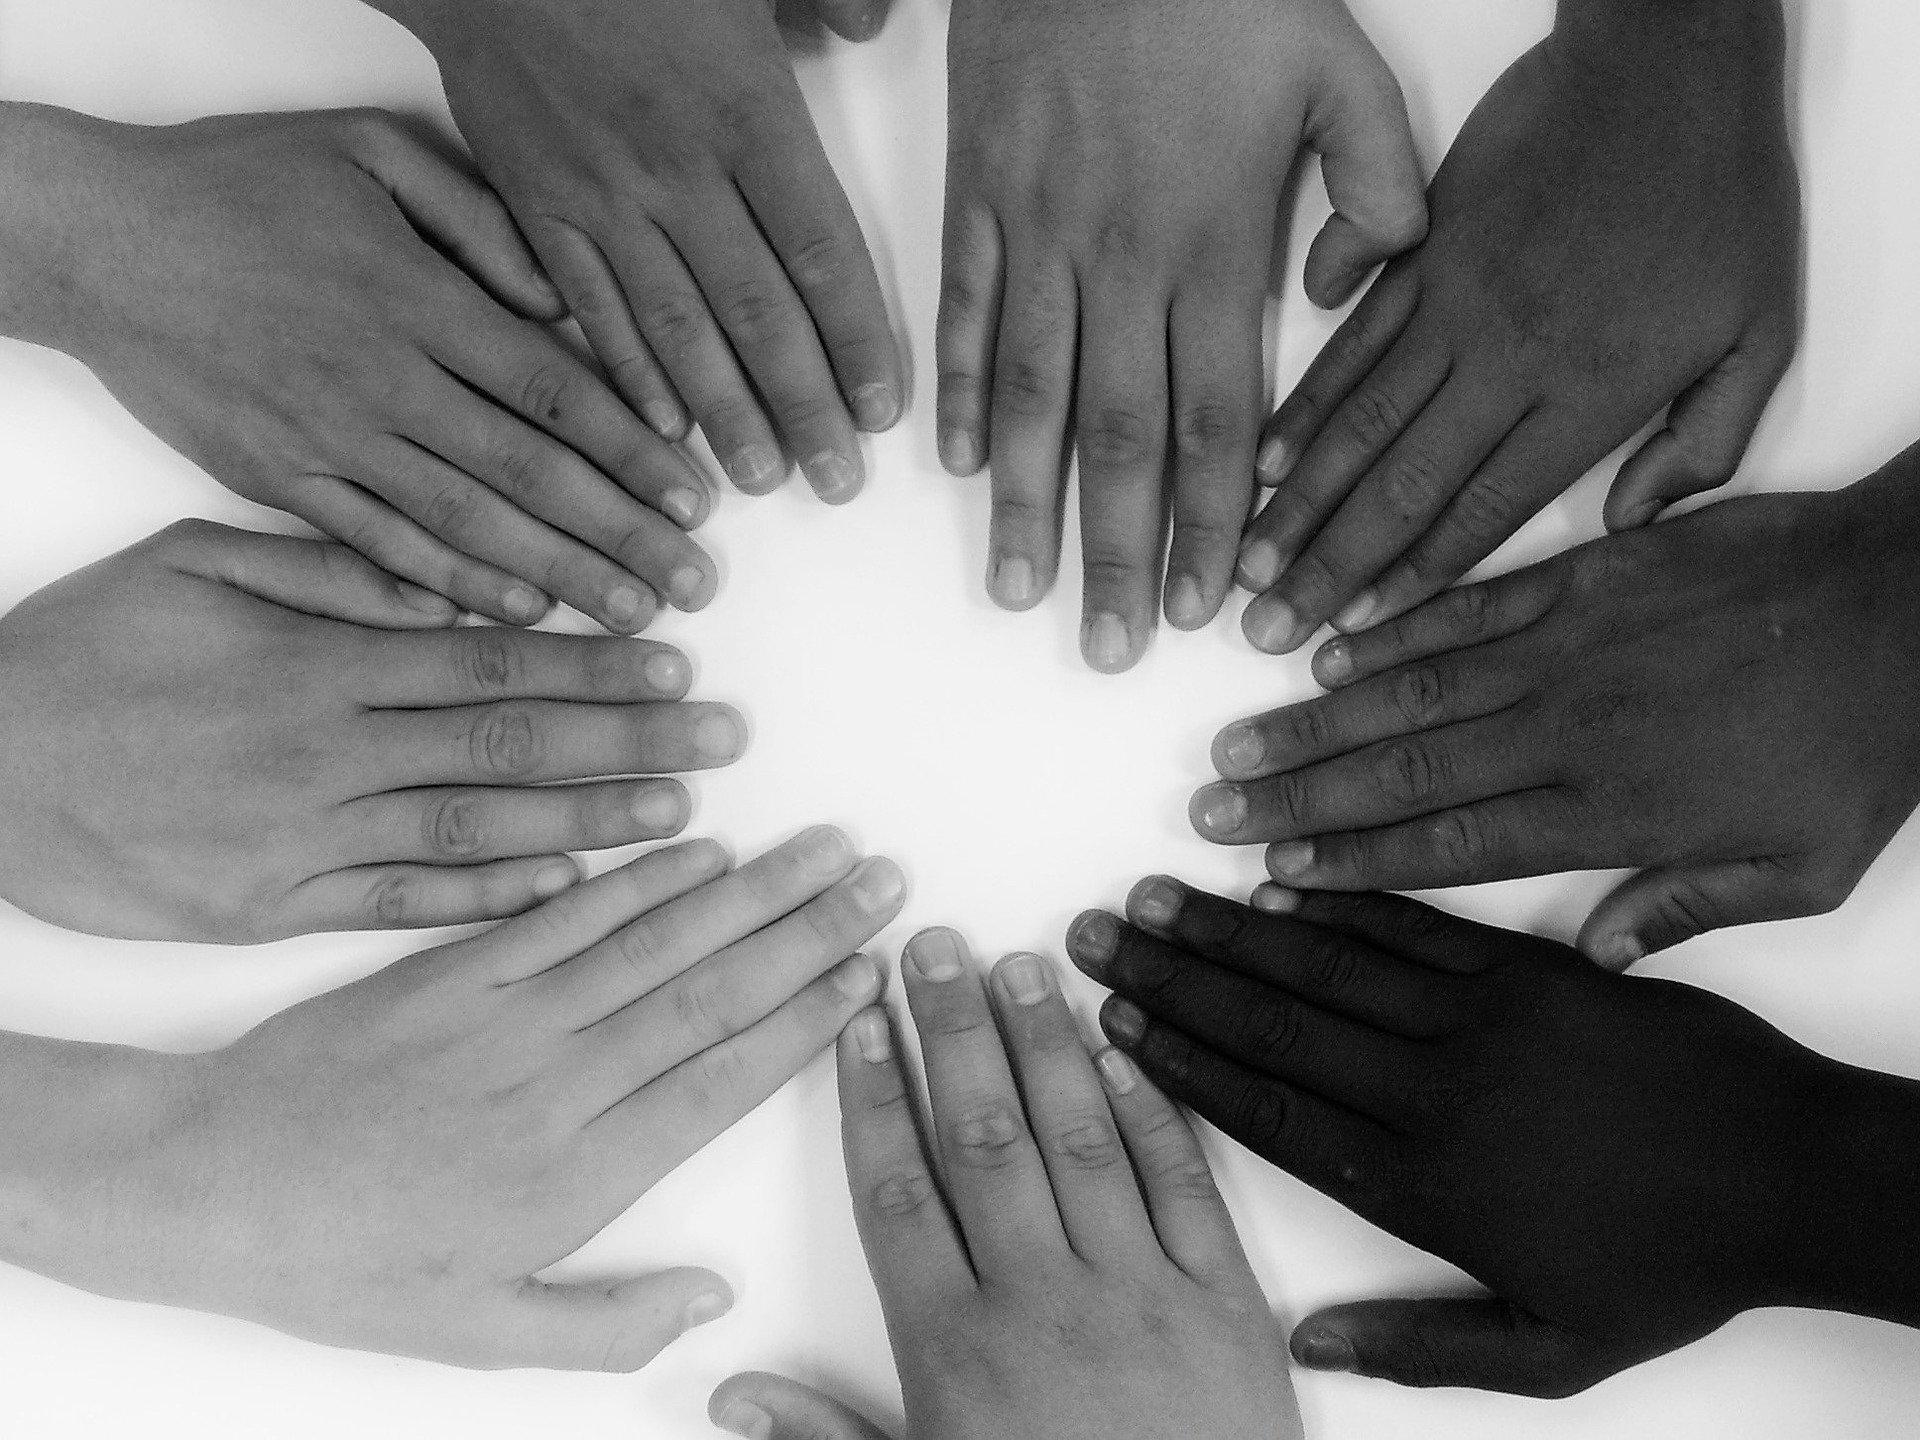 Viele Hände formen einen Kreis